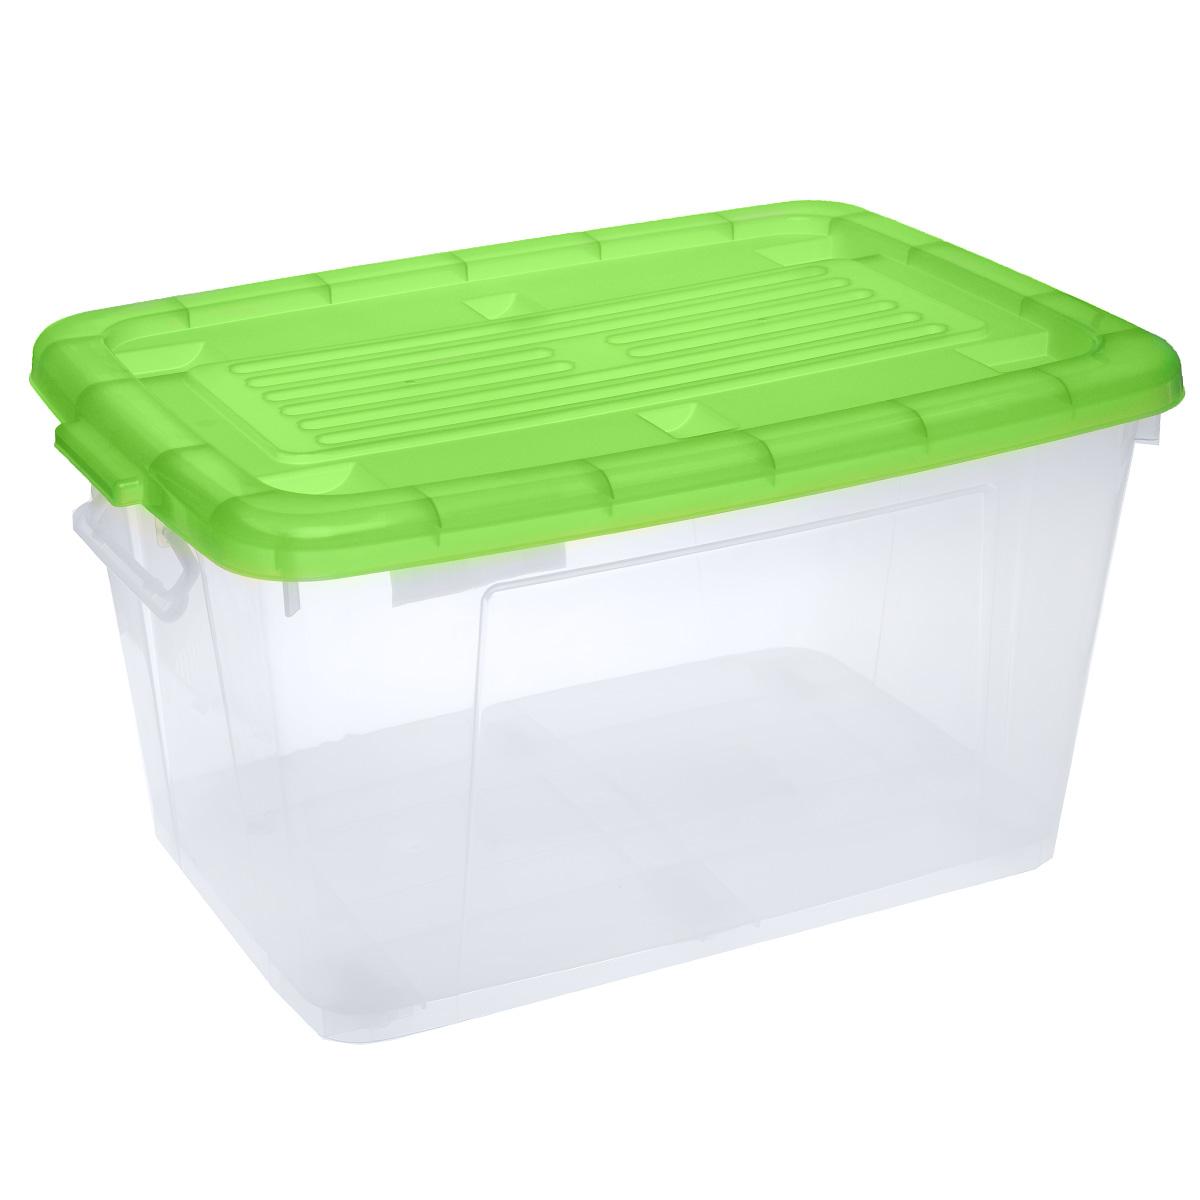 Ящик Darel Box, с крышкой, цвет: прозрачный, зеленый, 75 л10175Ящик Darel Box, изготовленный из прозрачного пластика, оснащен ручками и плотно закрывающейсякрышкой. Изделие предназначено для хранения различных бытовых вещей. Идеально подойдетдля хранения белья, продуктов, игрушек. Будет незаменим на даче, в гараже или кладовой.Выдерживает температурные перепады от -25°С до +95°С. Изделие имеет четыре маленькихколесика, обеспечивающих удобство перемещения ящика.Размер ящика: 68 см х 47 см х 37 см.